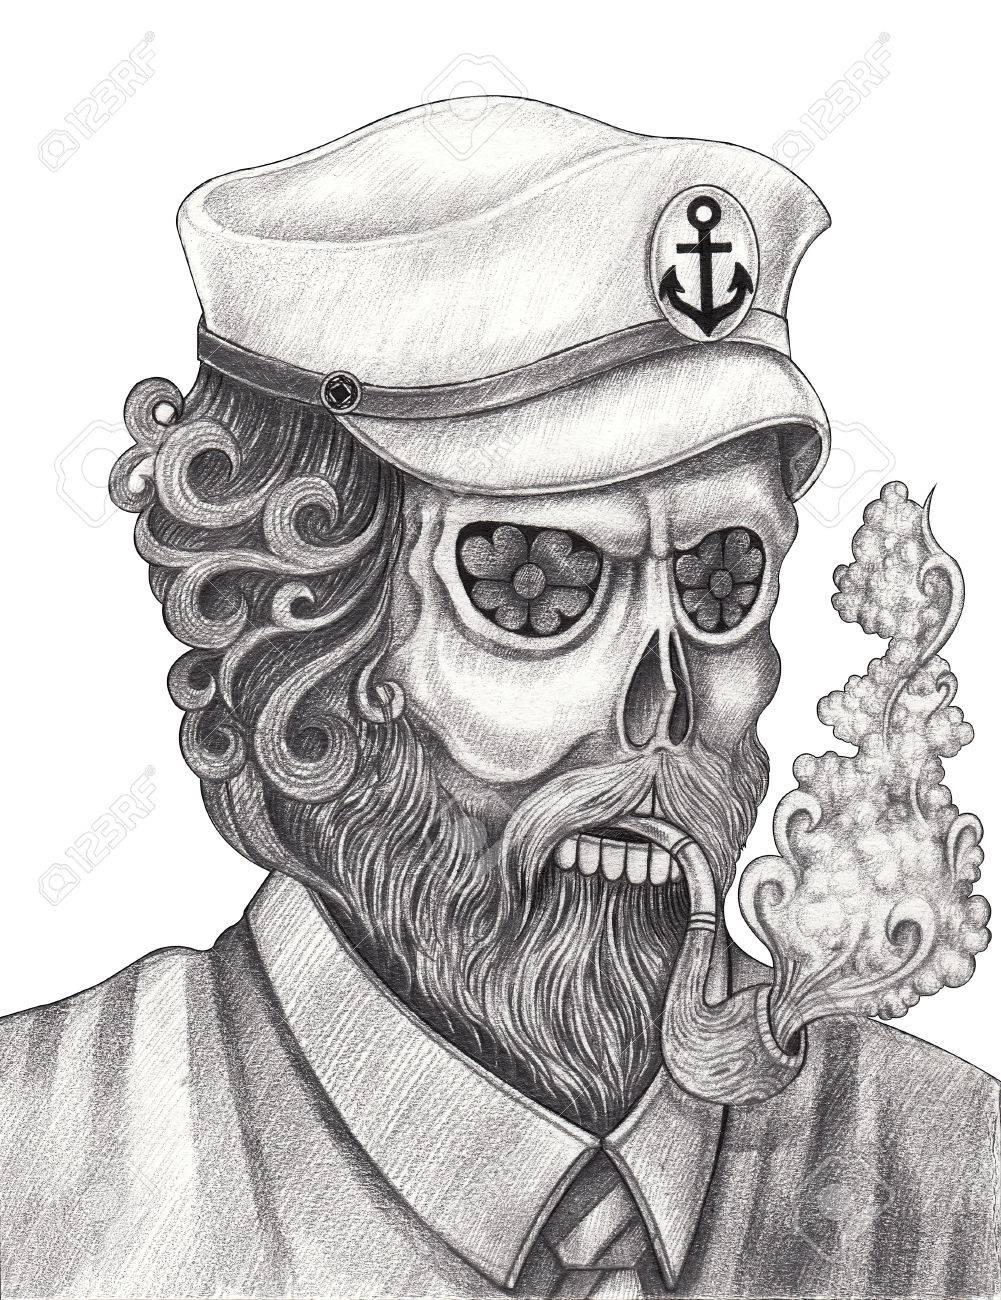 El Antiguo Arte Del Cráneo Del Hombre Día De Los Muertos Mano